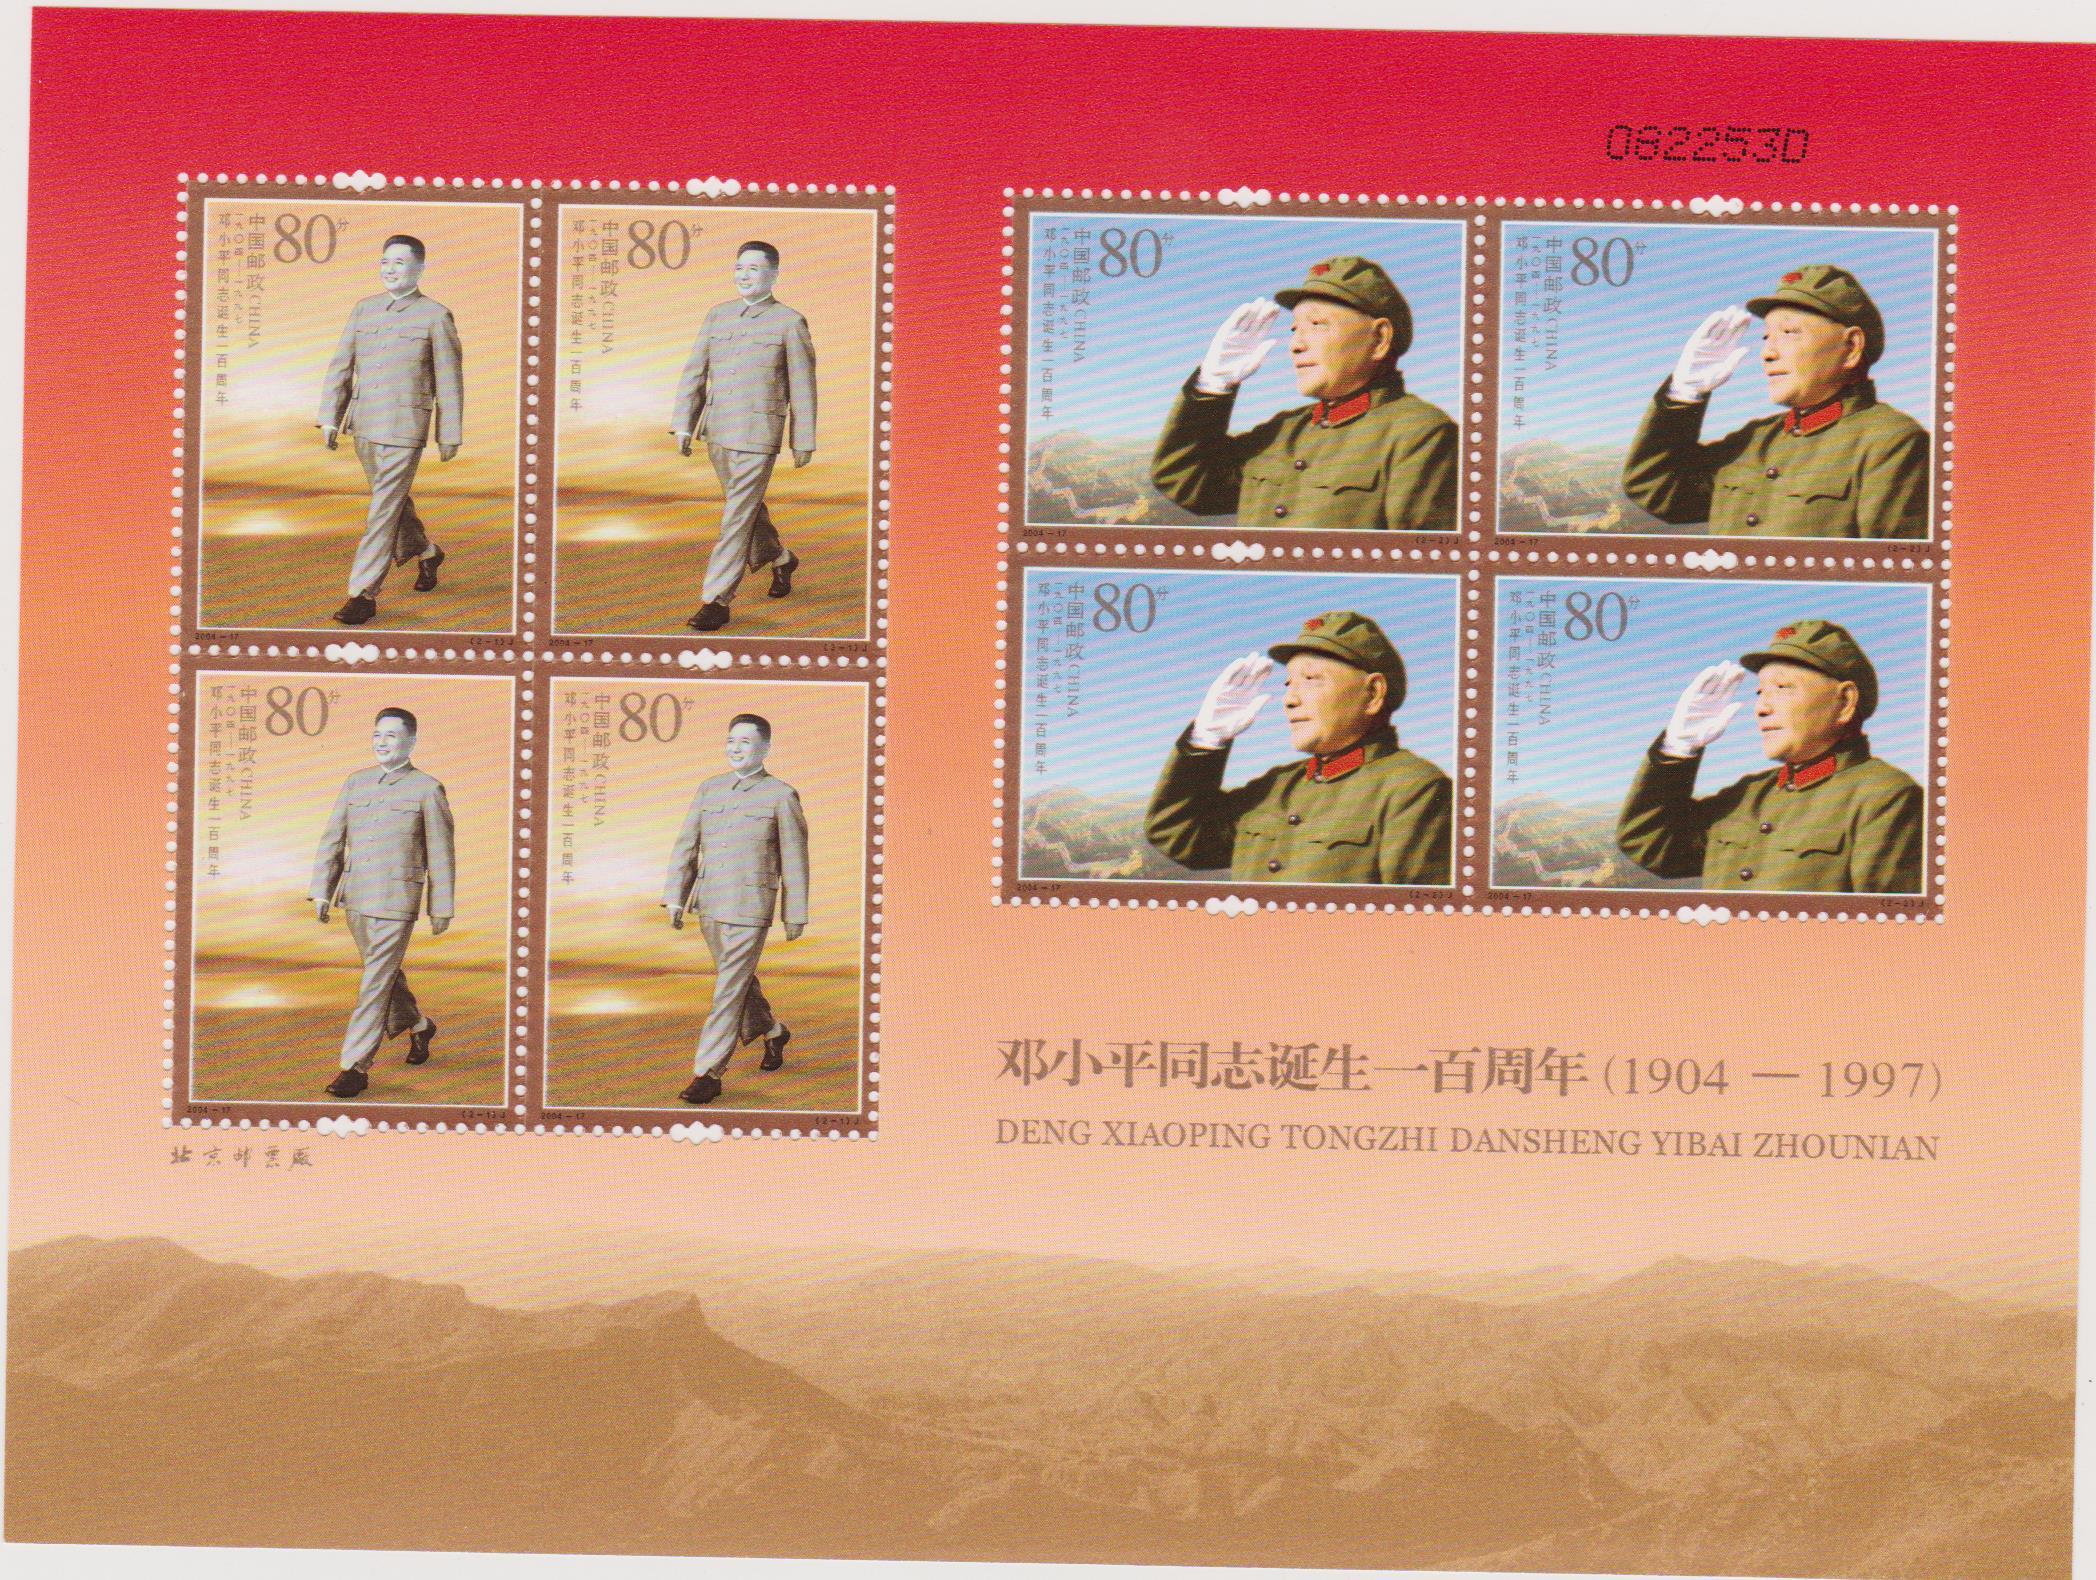 Cina Minifoglio 002